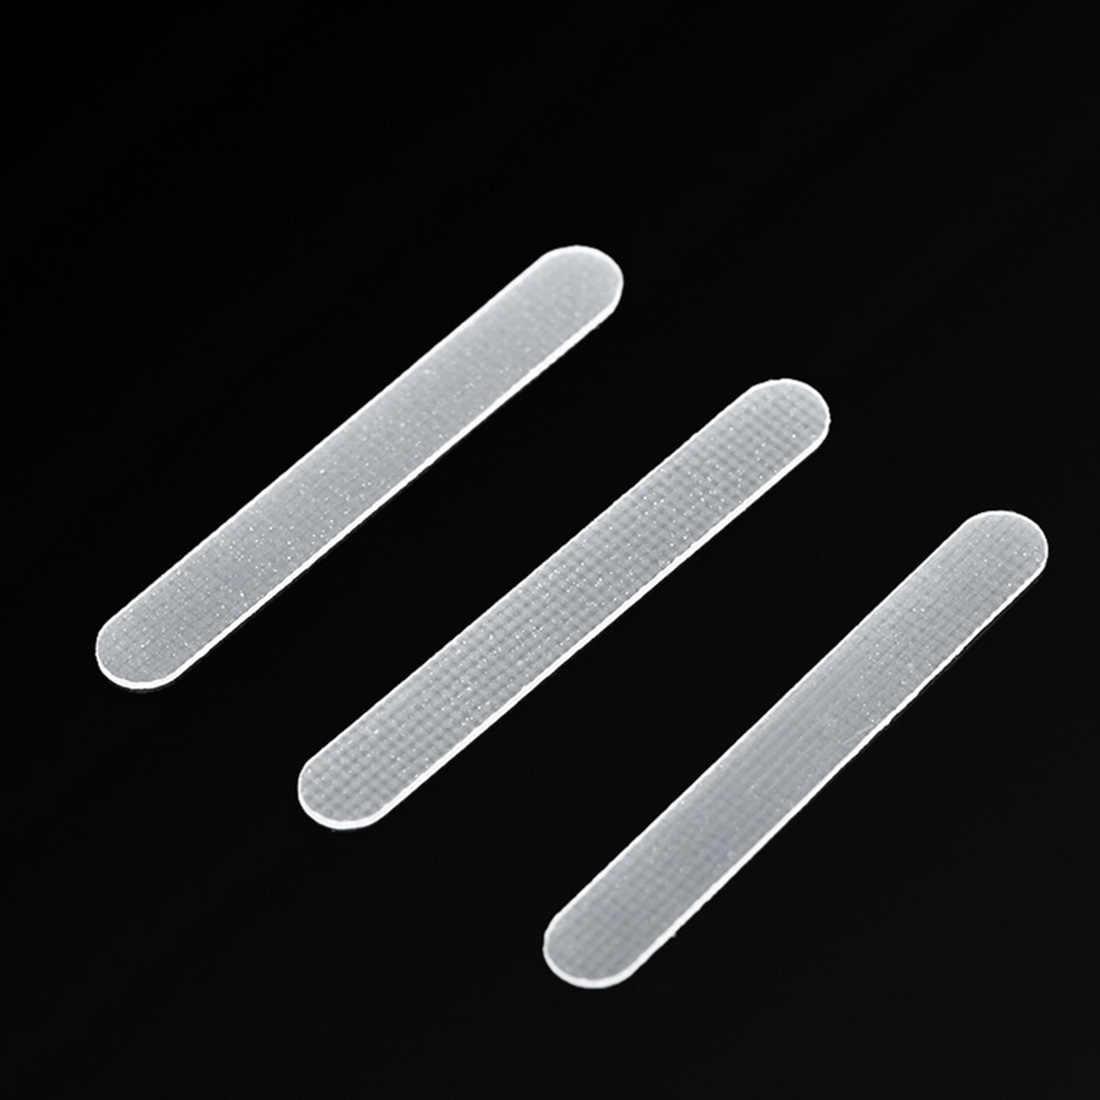 10 sztuk wrastające paznokieć narzędzie do korekcji wrastające Toe terapia na paznokcie elastyczna naszywka klip do prostowania Brace narzędzie do pedicure